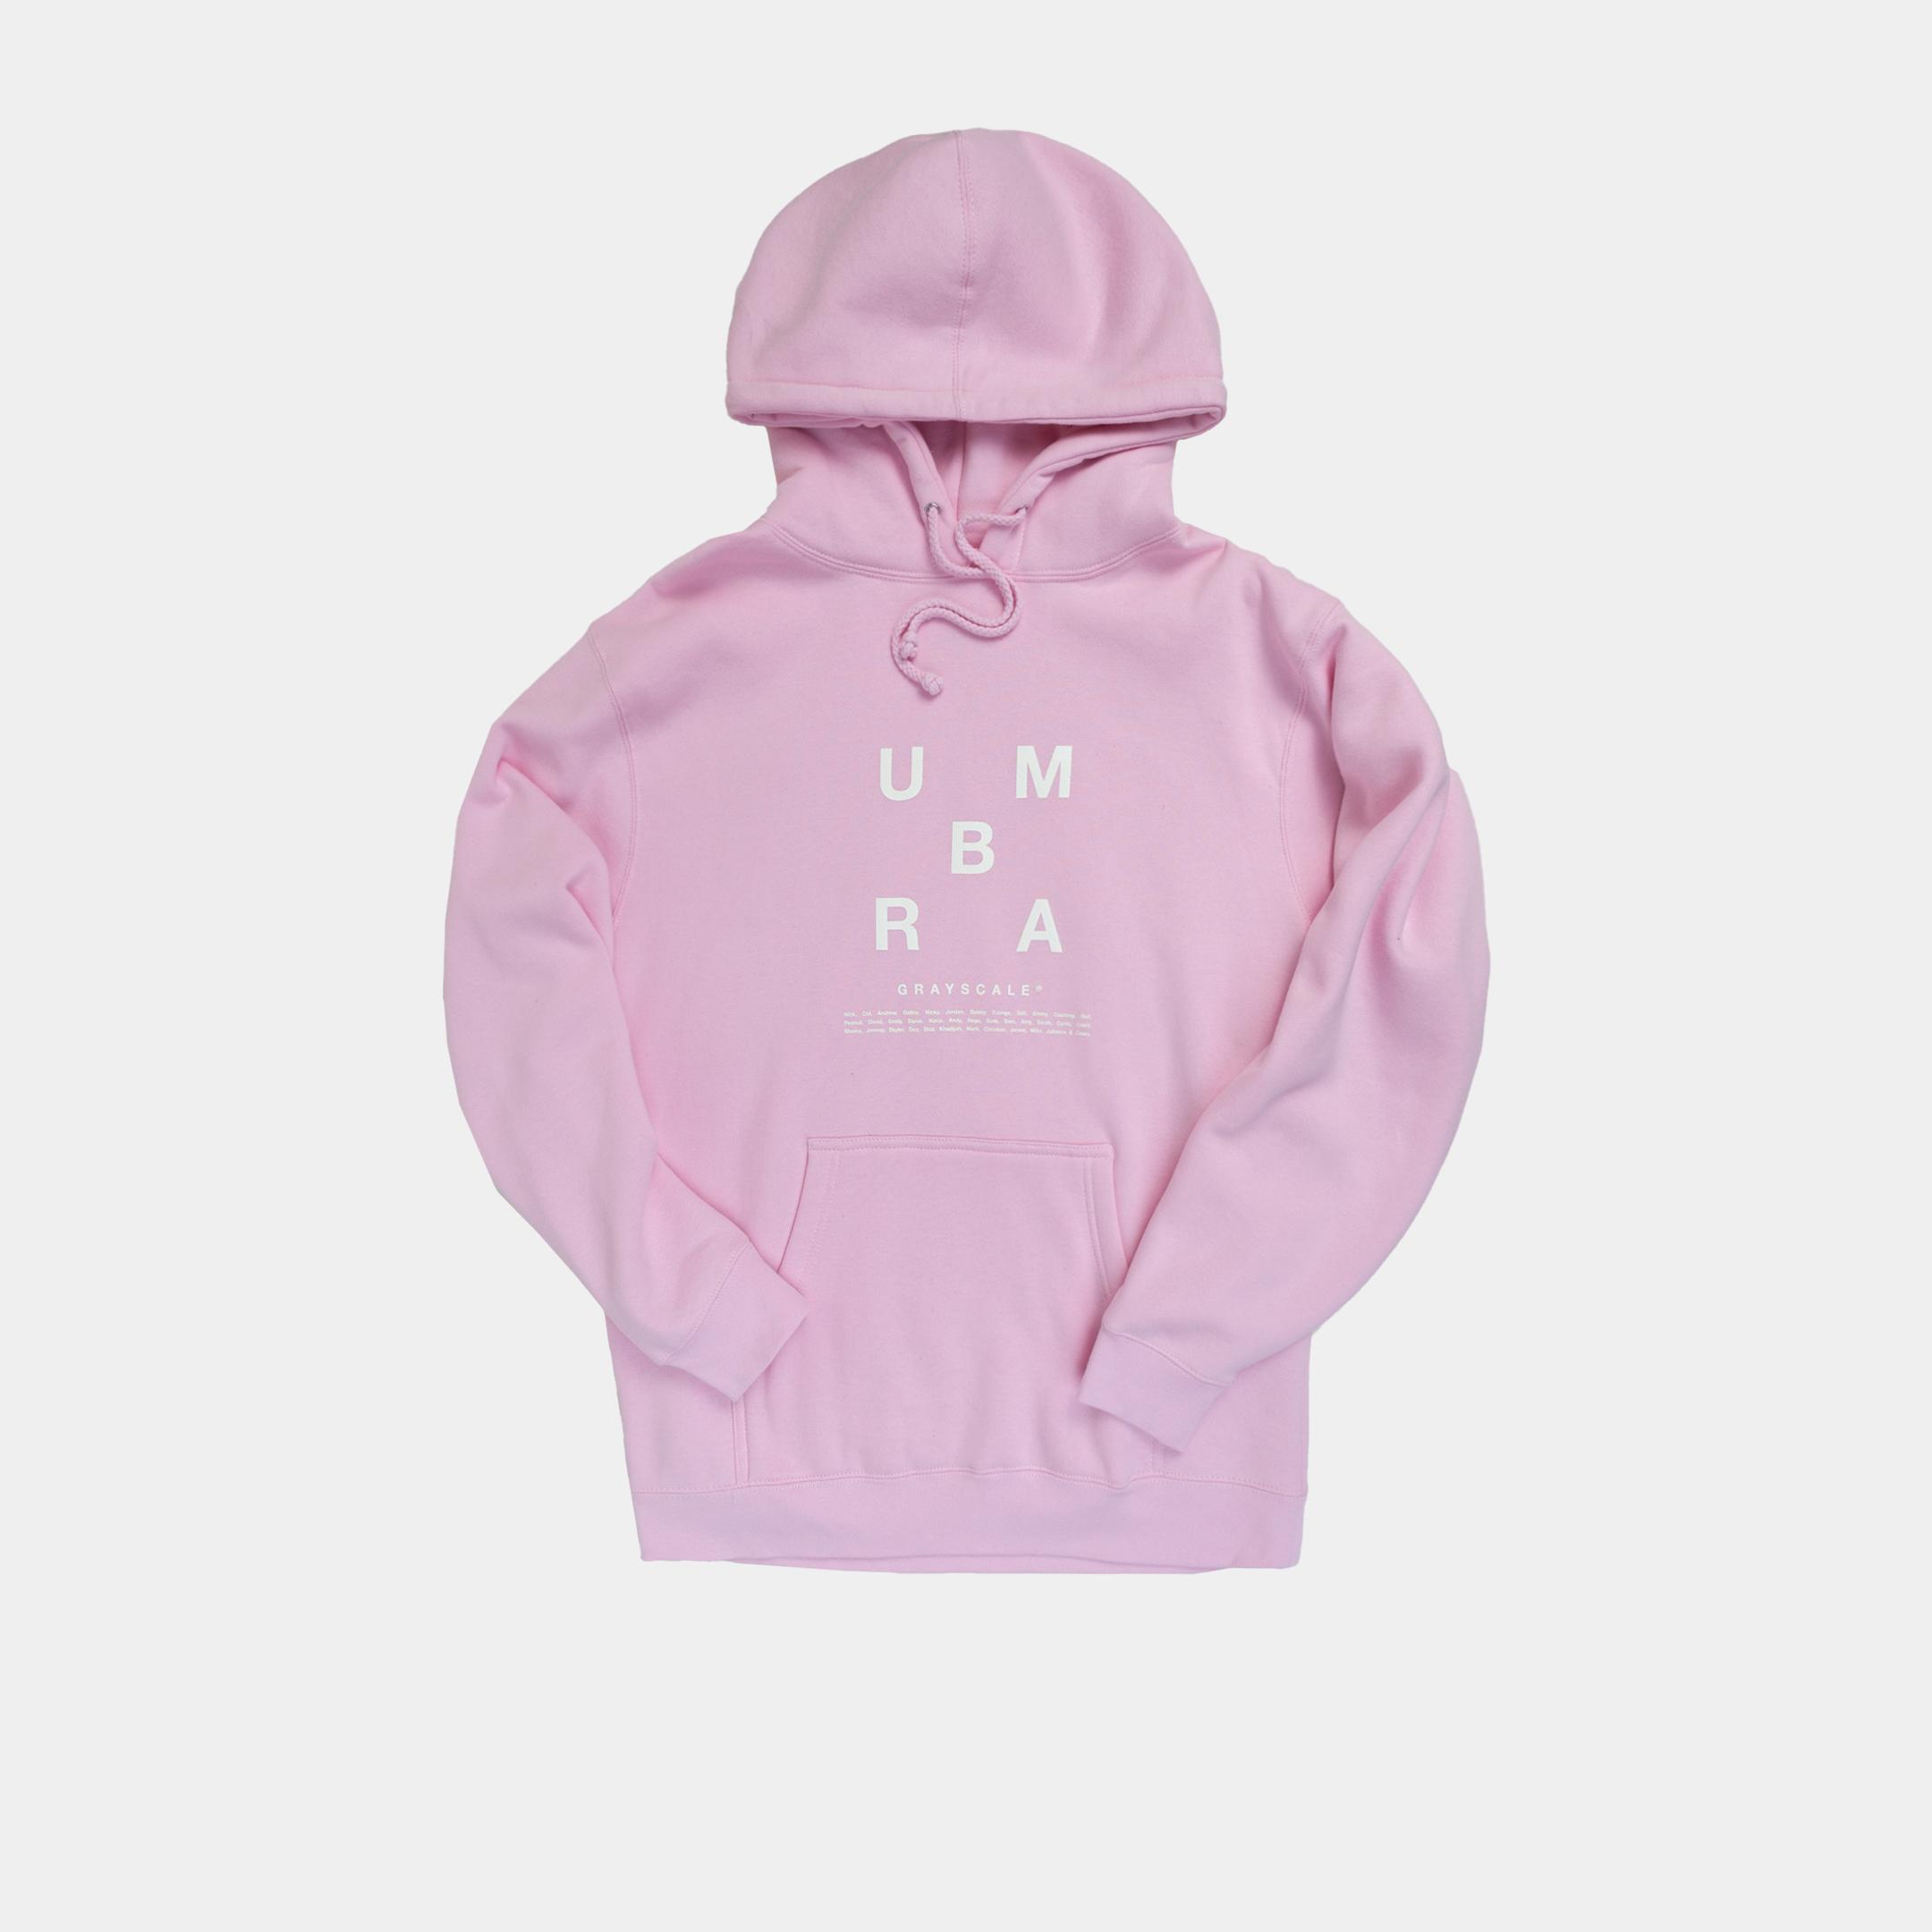 Umbra Team Hoodie - Soft Pink